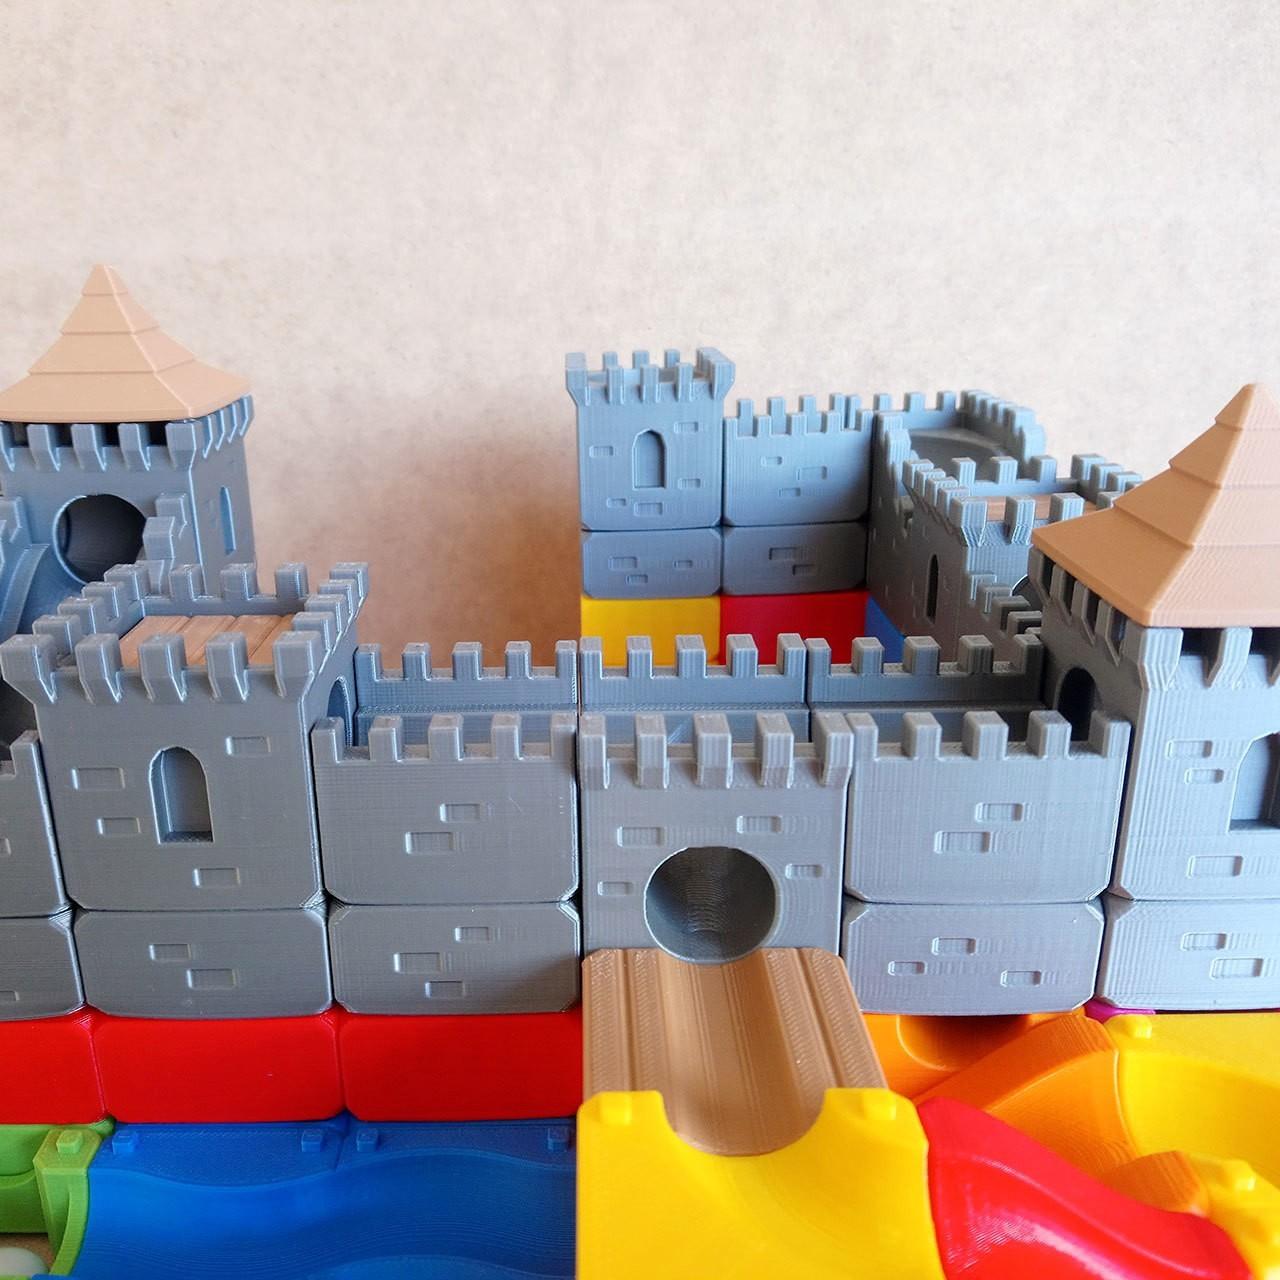 MarbleRunBlocks-MedievalCastlePack04.jpg Download STL file Marble Run Blocks - Medieval Castle pack • 3D printable template, Wabby